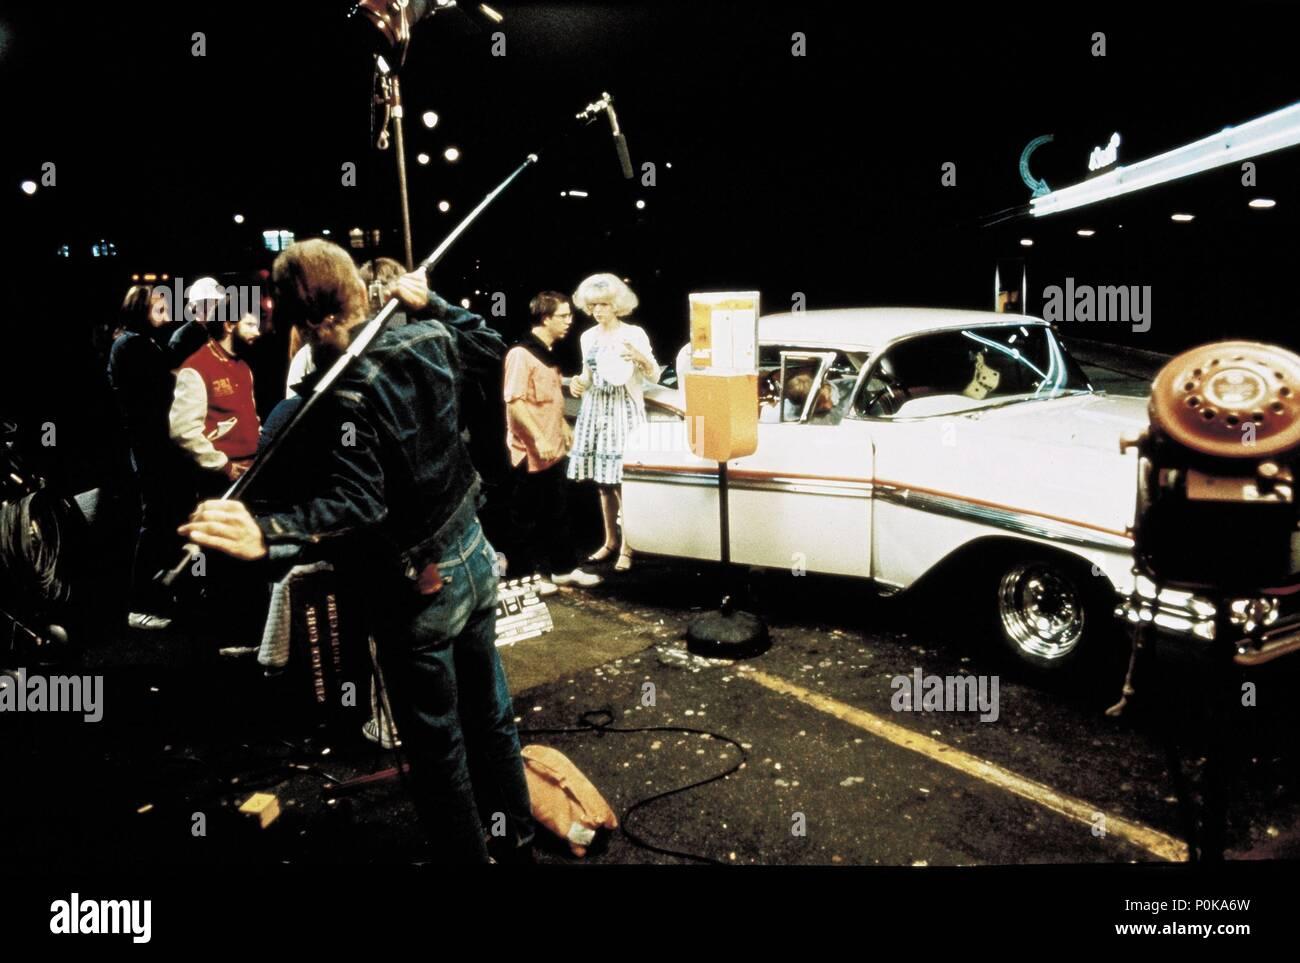 american graffiti soundtrack mp3 free download